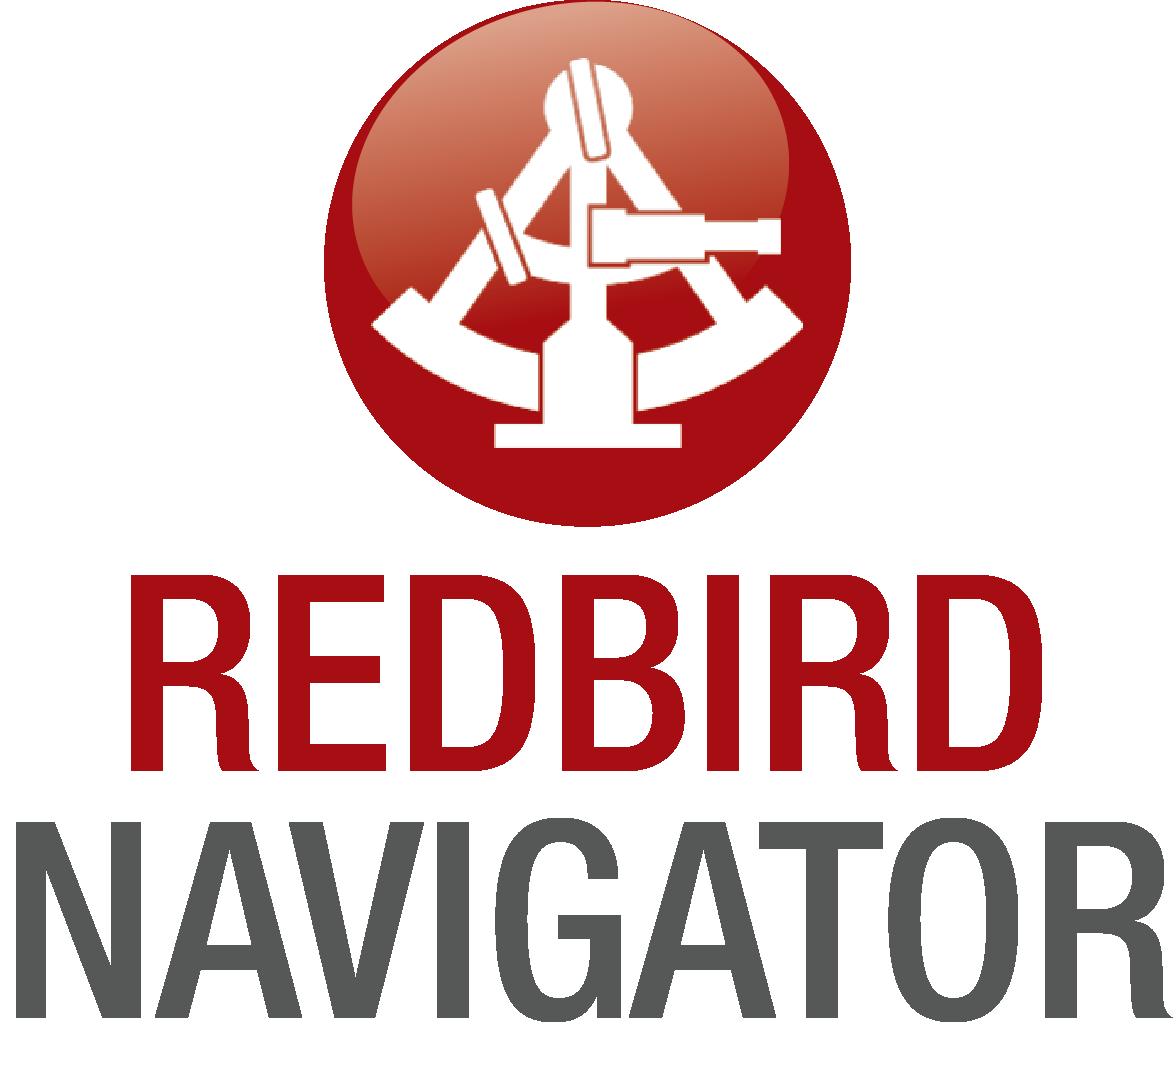 Redbird Navigator